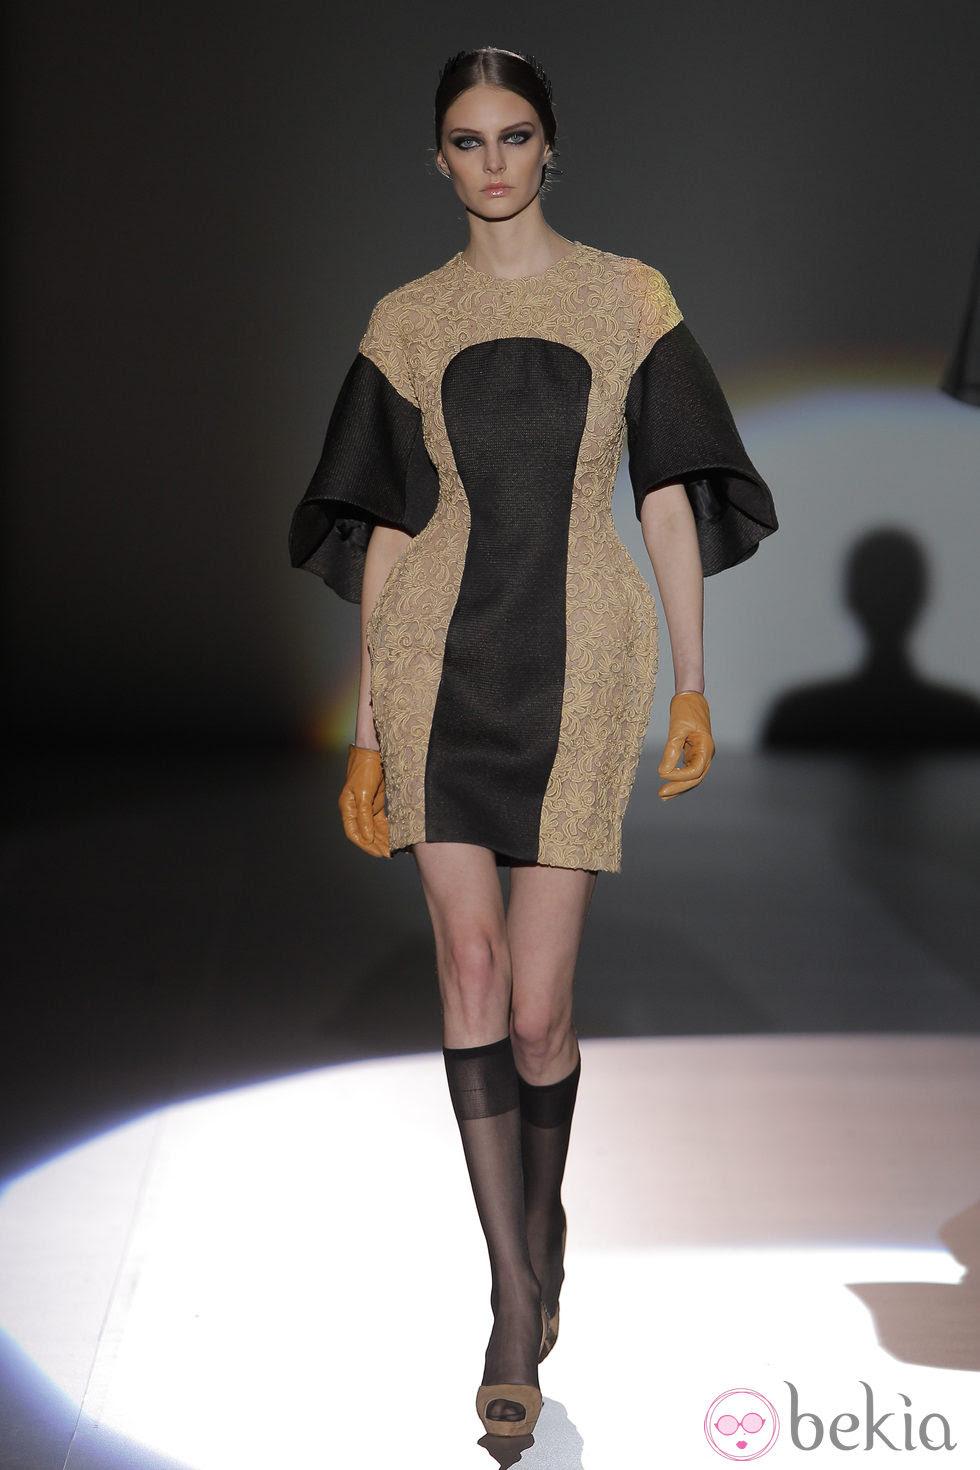 Vestido con franjas beige y negras